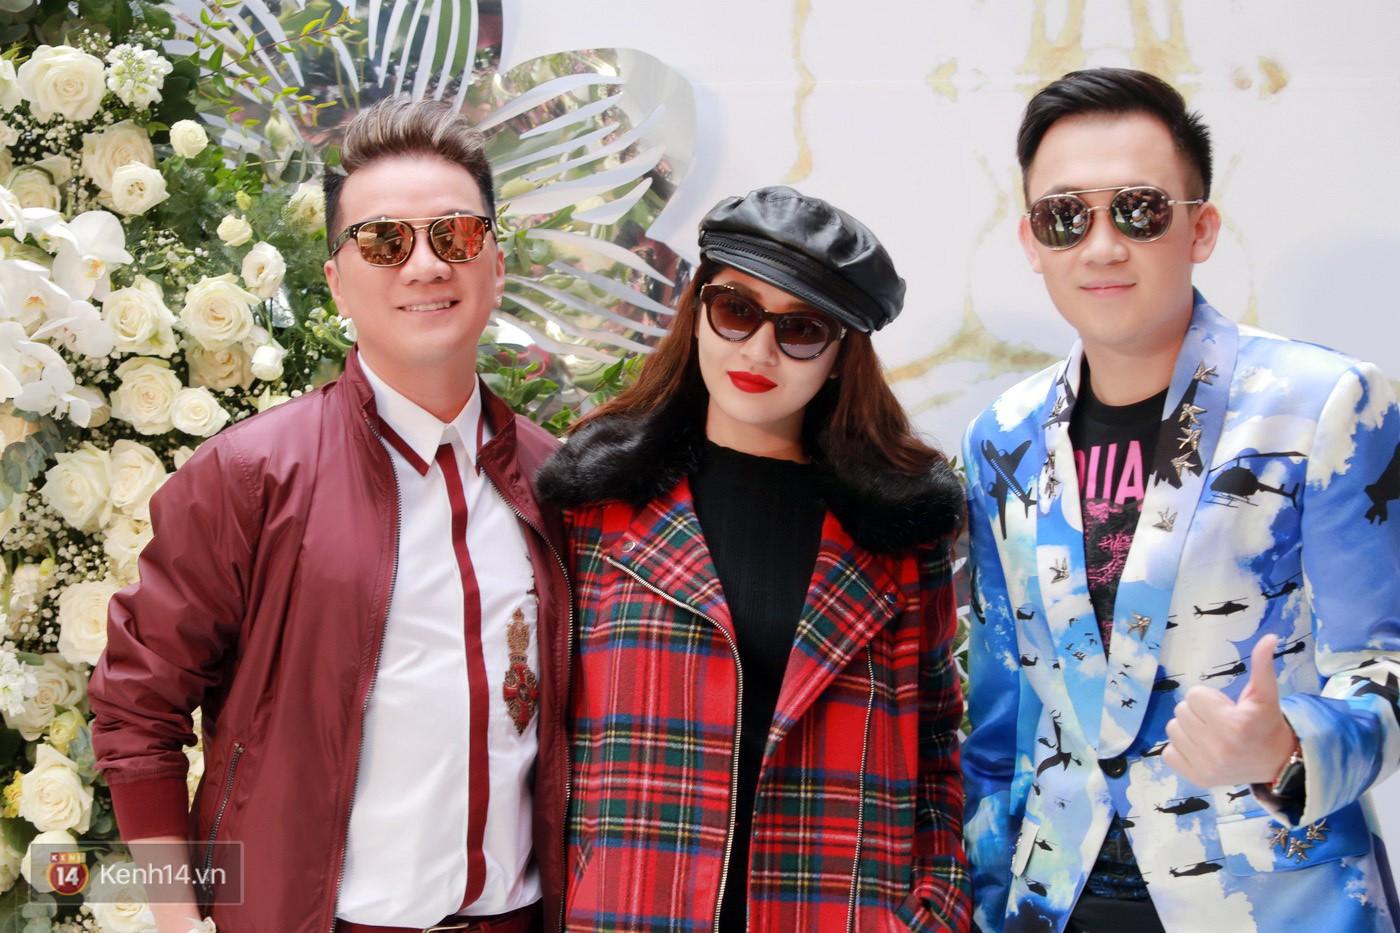 Sơn Tùng và Soobin Hoàng Sơn gây thích thú khi xuất hiện như anh em sinh đôi tại sự kiện - Ảnh 13.